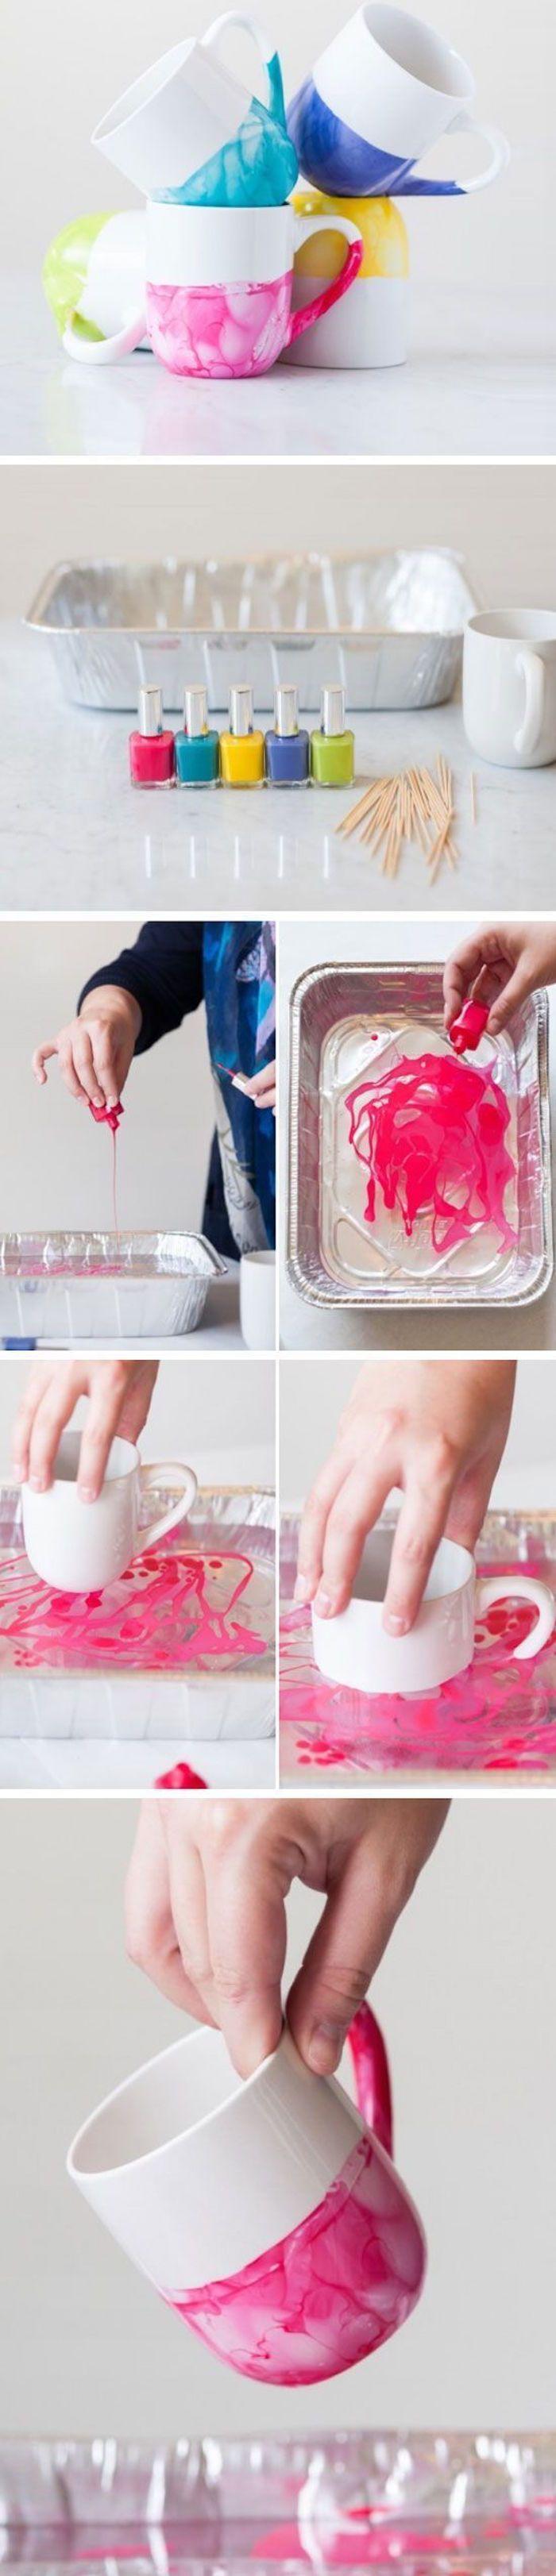 Kreative Idee, DIY, Tassen mit Nagellack bemalen